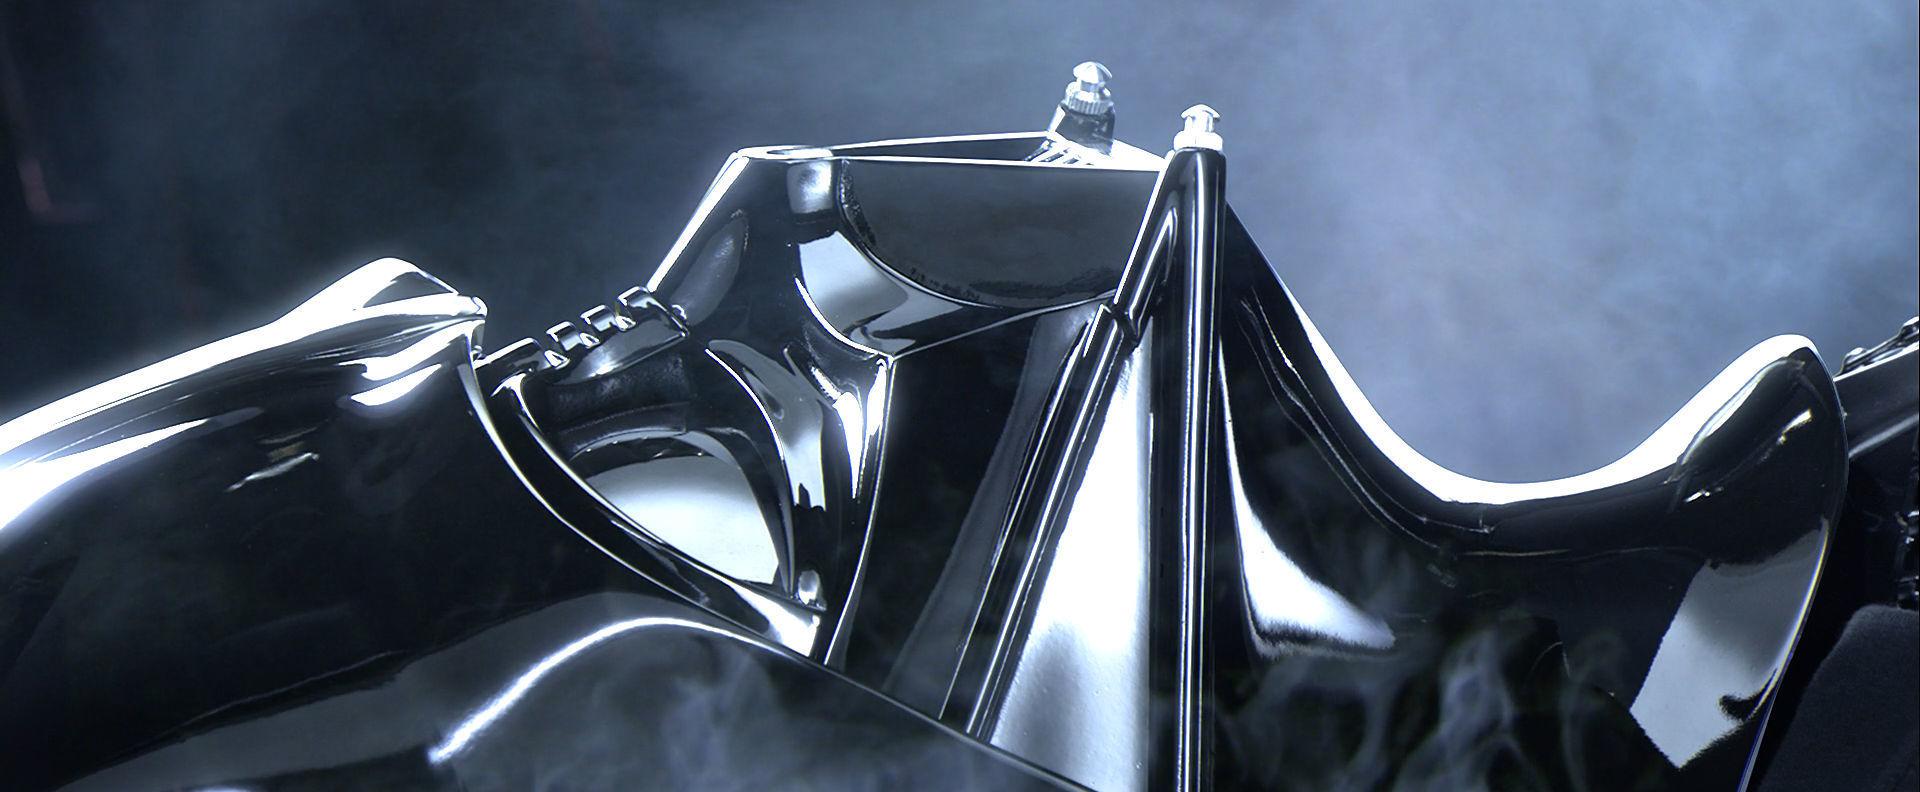 מלחמת הכוכבים - יצירתה של מפלצת